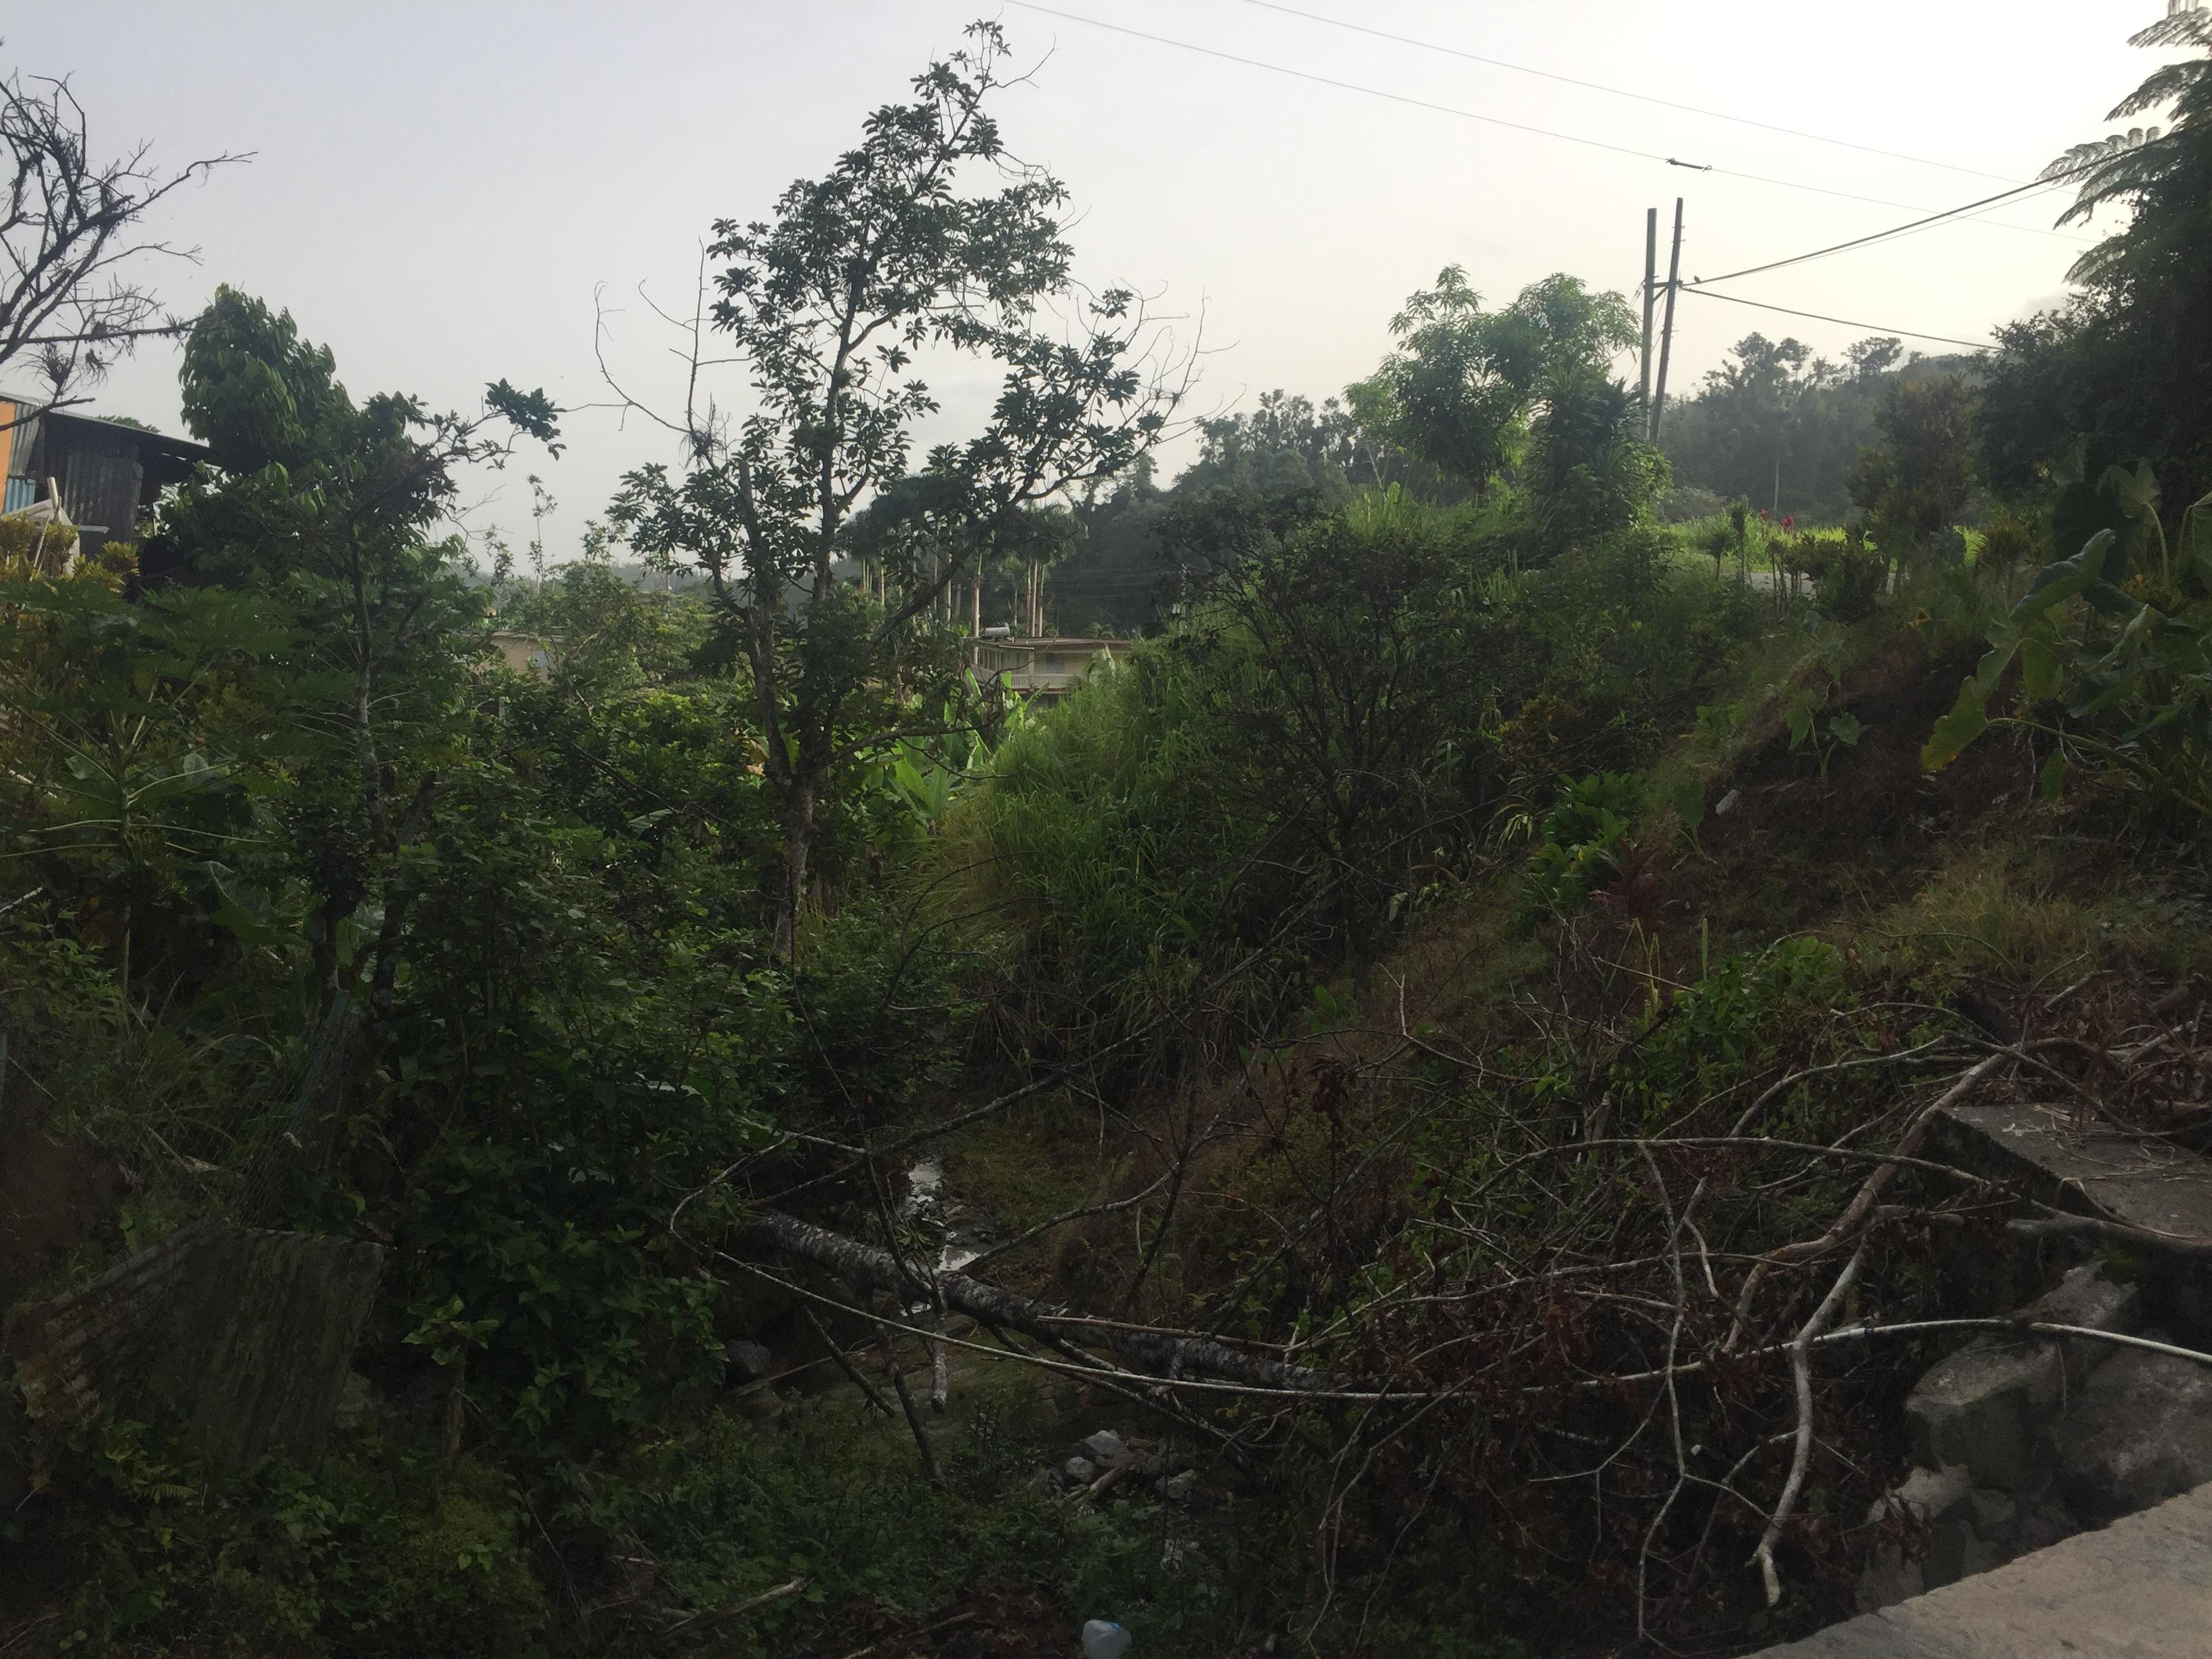 Si bien las vistas desde la carretera de Utuado a Adjuntas son impresionantes, los daños causados por los huracanes Irma y María aún son evidentes. Crédito de la foto: Nardy Baeza Bickel.